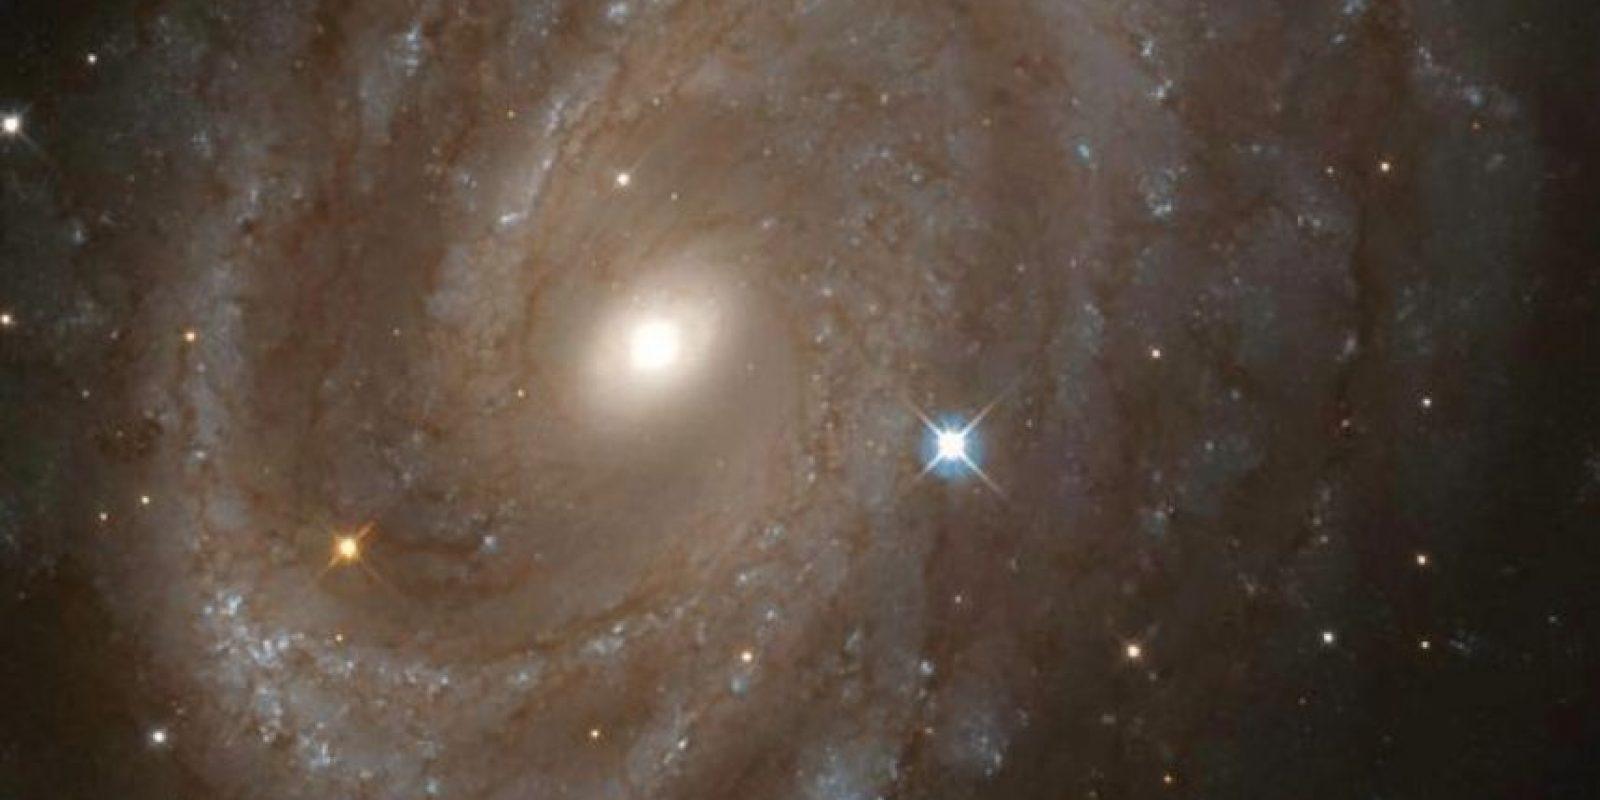 Hubble concluyó un estudio de 31 estrellas variables Cefeidas, un tipo especial de estrella que puede ser utilizado para hacer mediciones de grandes distancias cósmicas. El estudio ayudó a los científicos a determinar con precisión la edad del universo. Sus observaciones de estrellas variables cefeidas en galaxias como NGC 4603, junto con las mediciones realizadas por otros observatorios, eventualmente apuntaron a una edad de 13,7 mil millones de años. Foto:Hubble